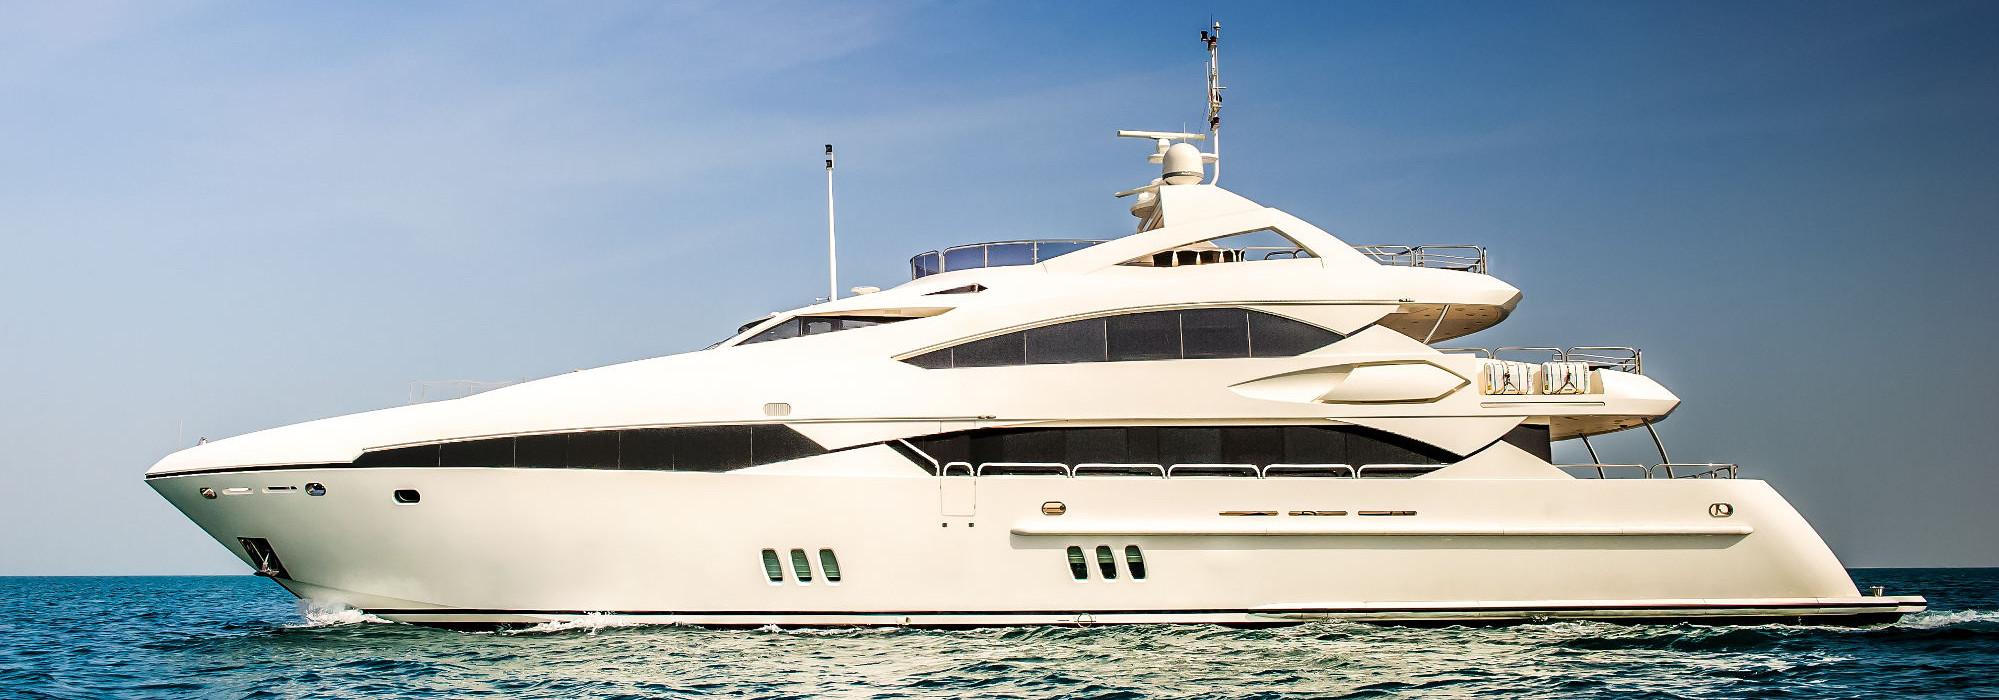 Achat vente Yacht privé